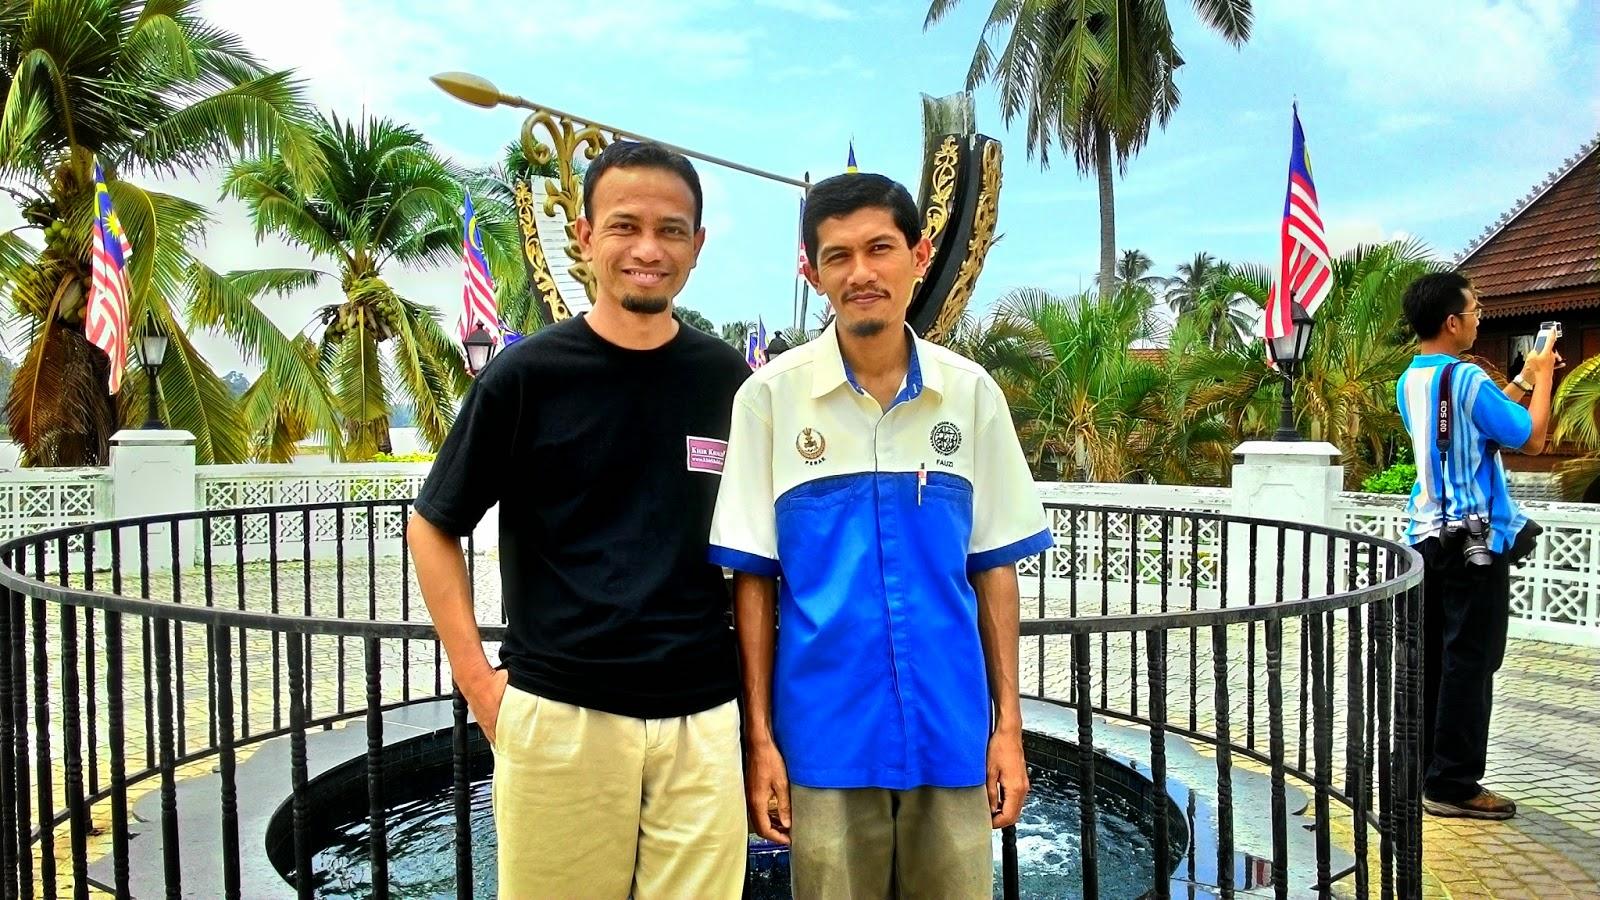 Terowong Sejarah Pasir Salak, Mohd Fauzi Mohd Razali, Penolong Kurator Kompleks Sejarah Pasir Salak, Khir Khalid